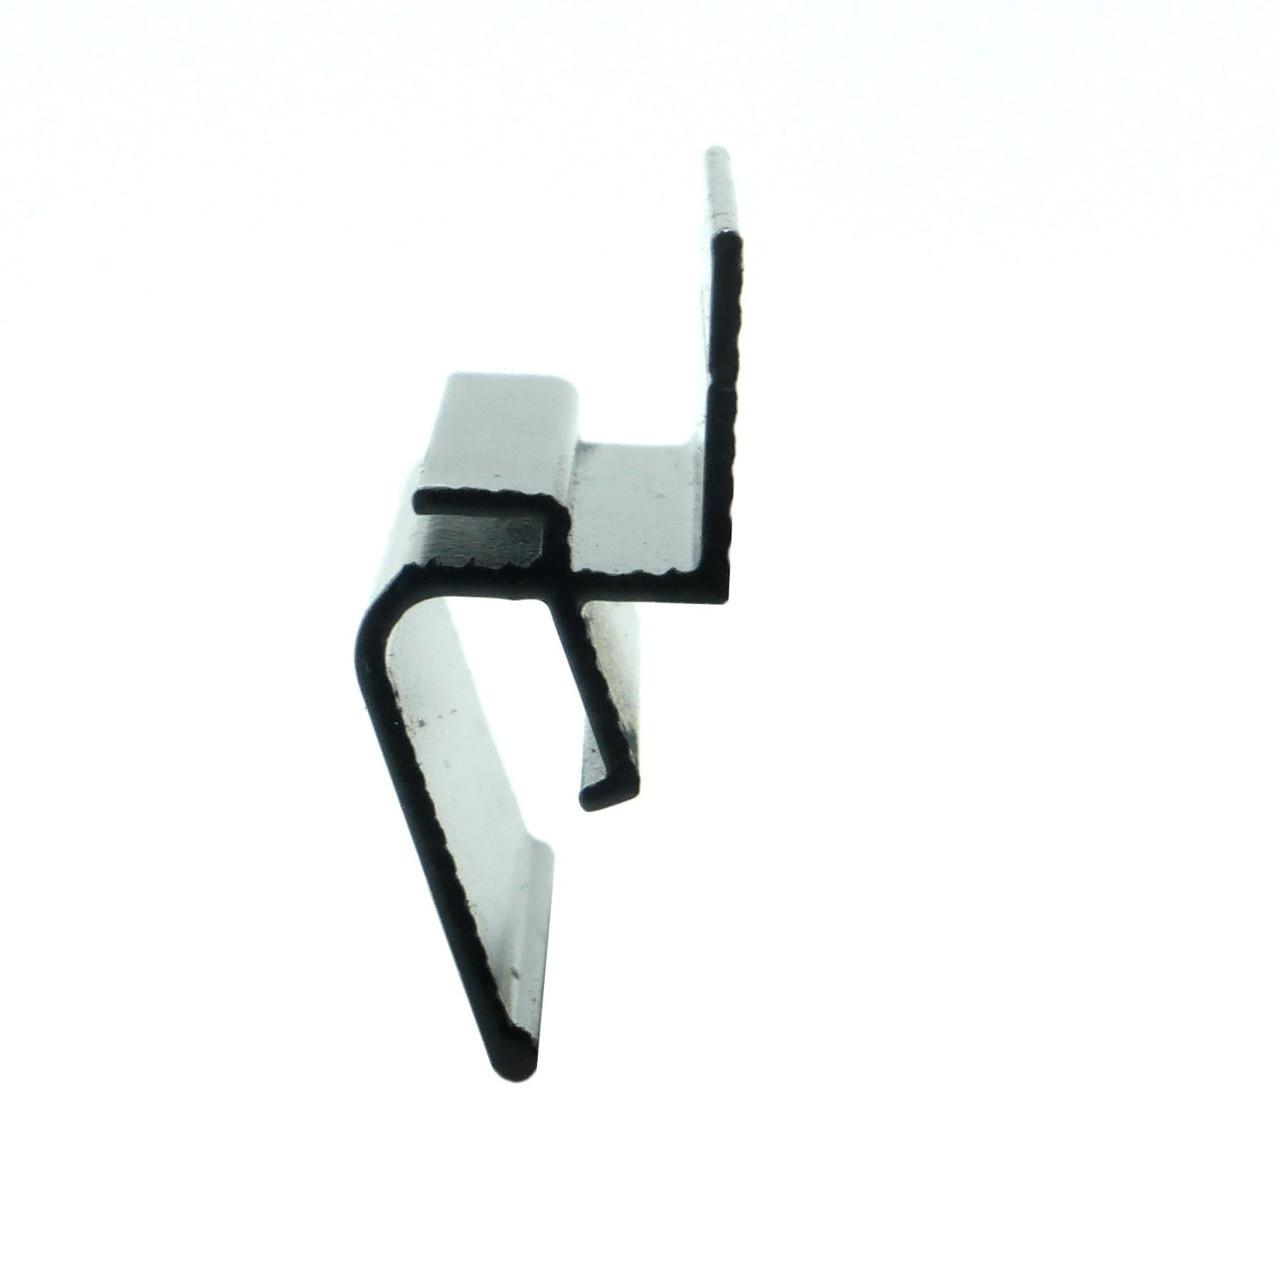 Профиль алюминиевый для натяжных потолков - EUROKRAAB, система теневого примыкания. Длина профиля 2 м.